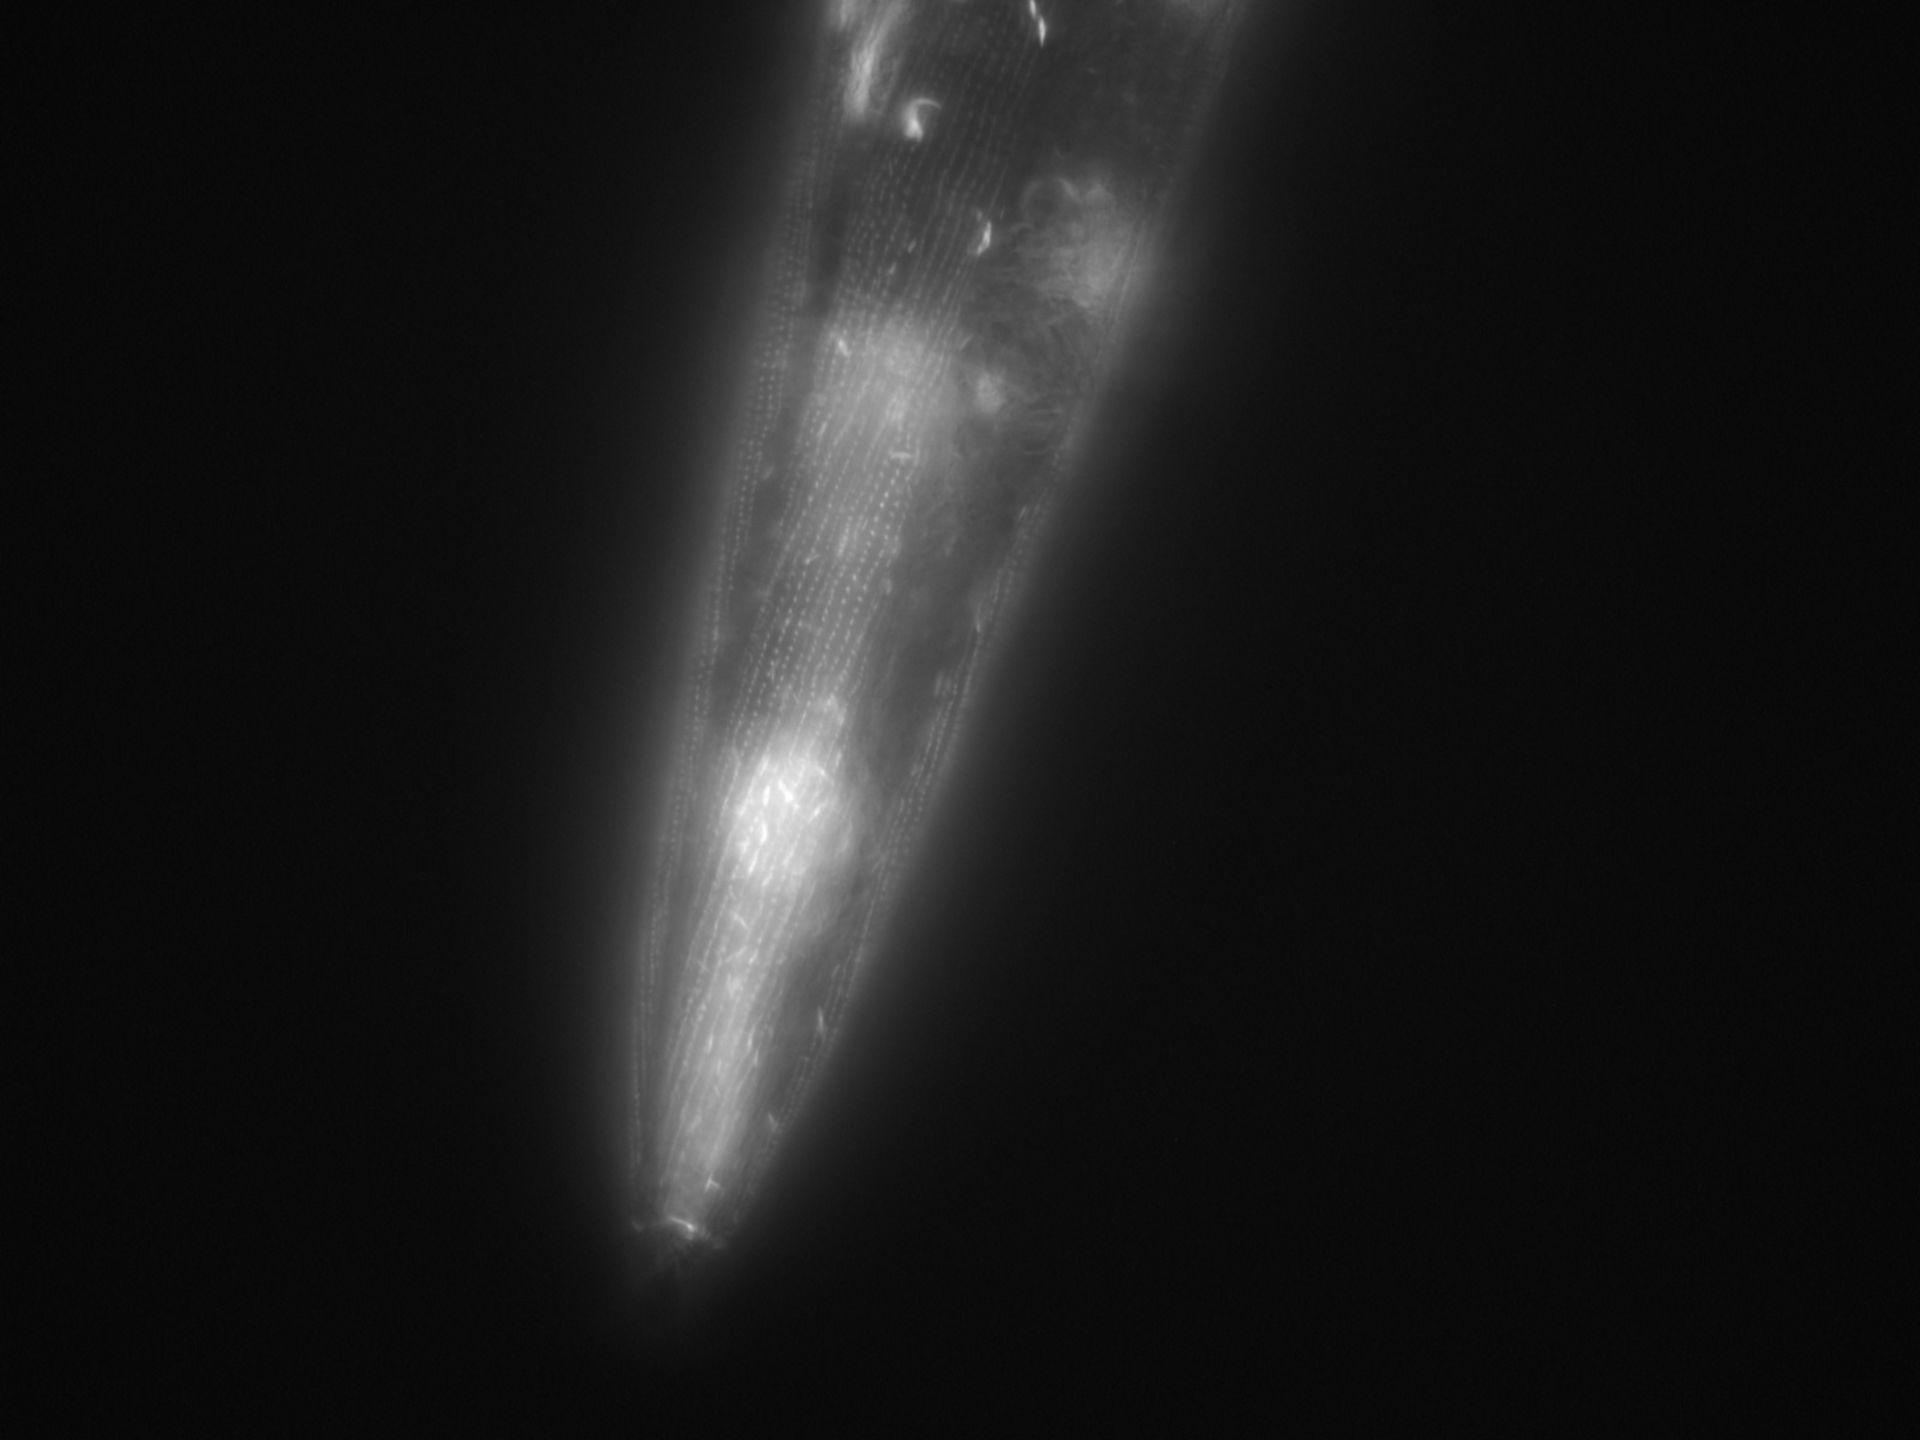 Caenorhabditis elegans (Actin filament) - CIL:1017